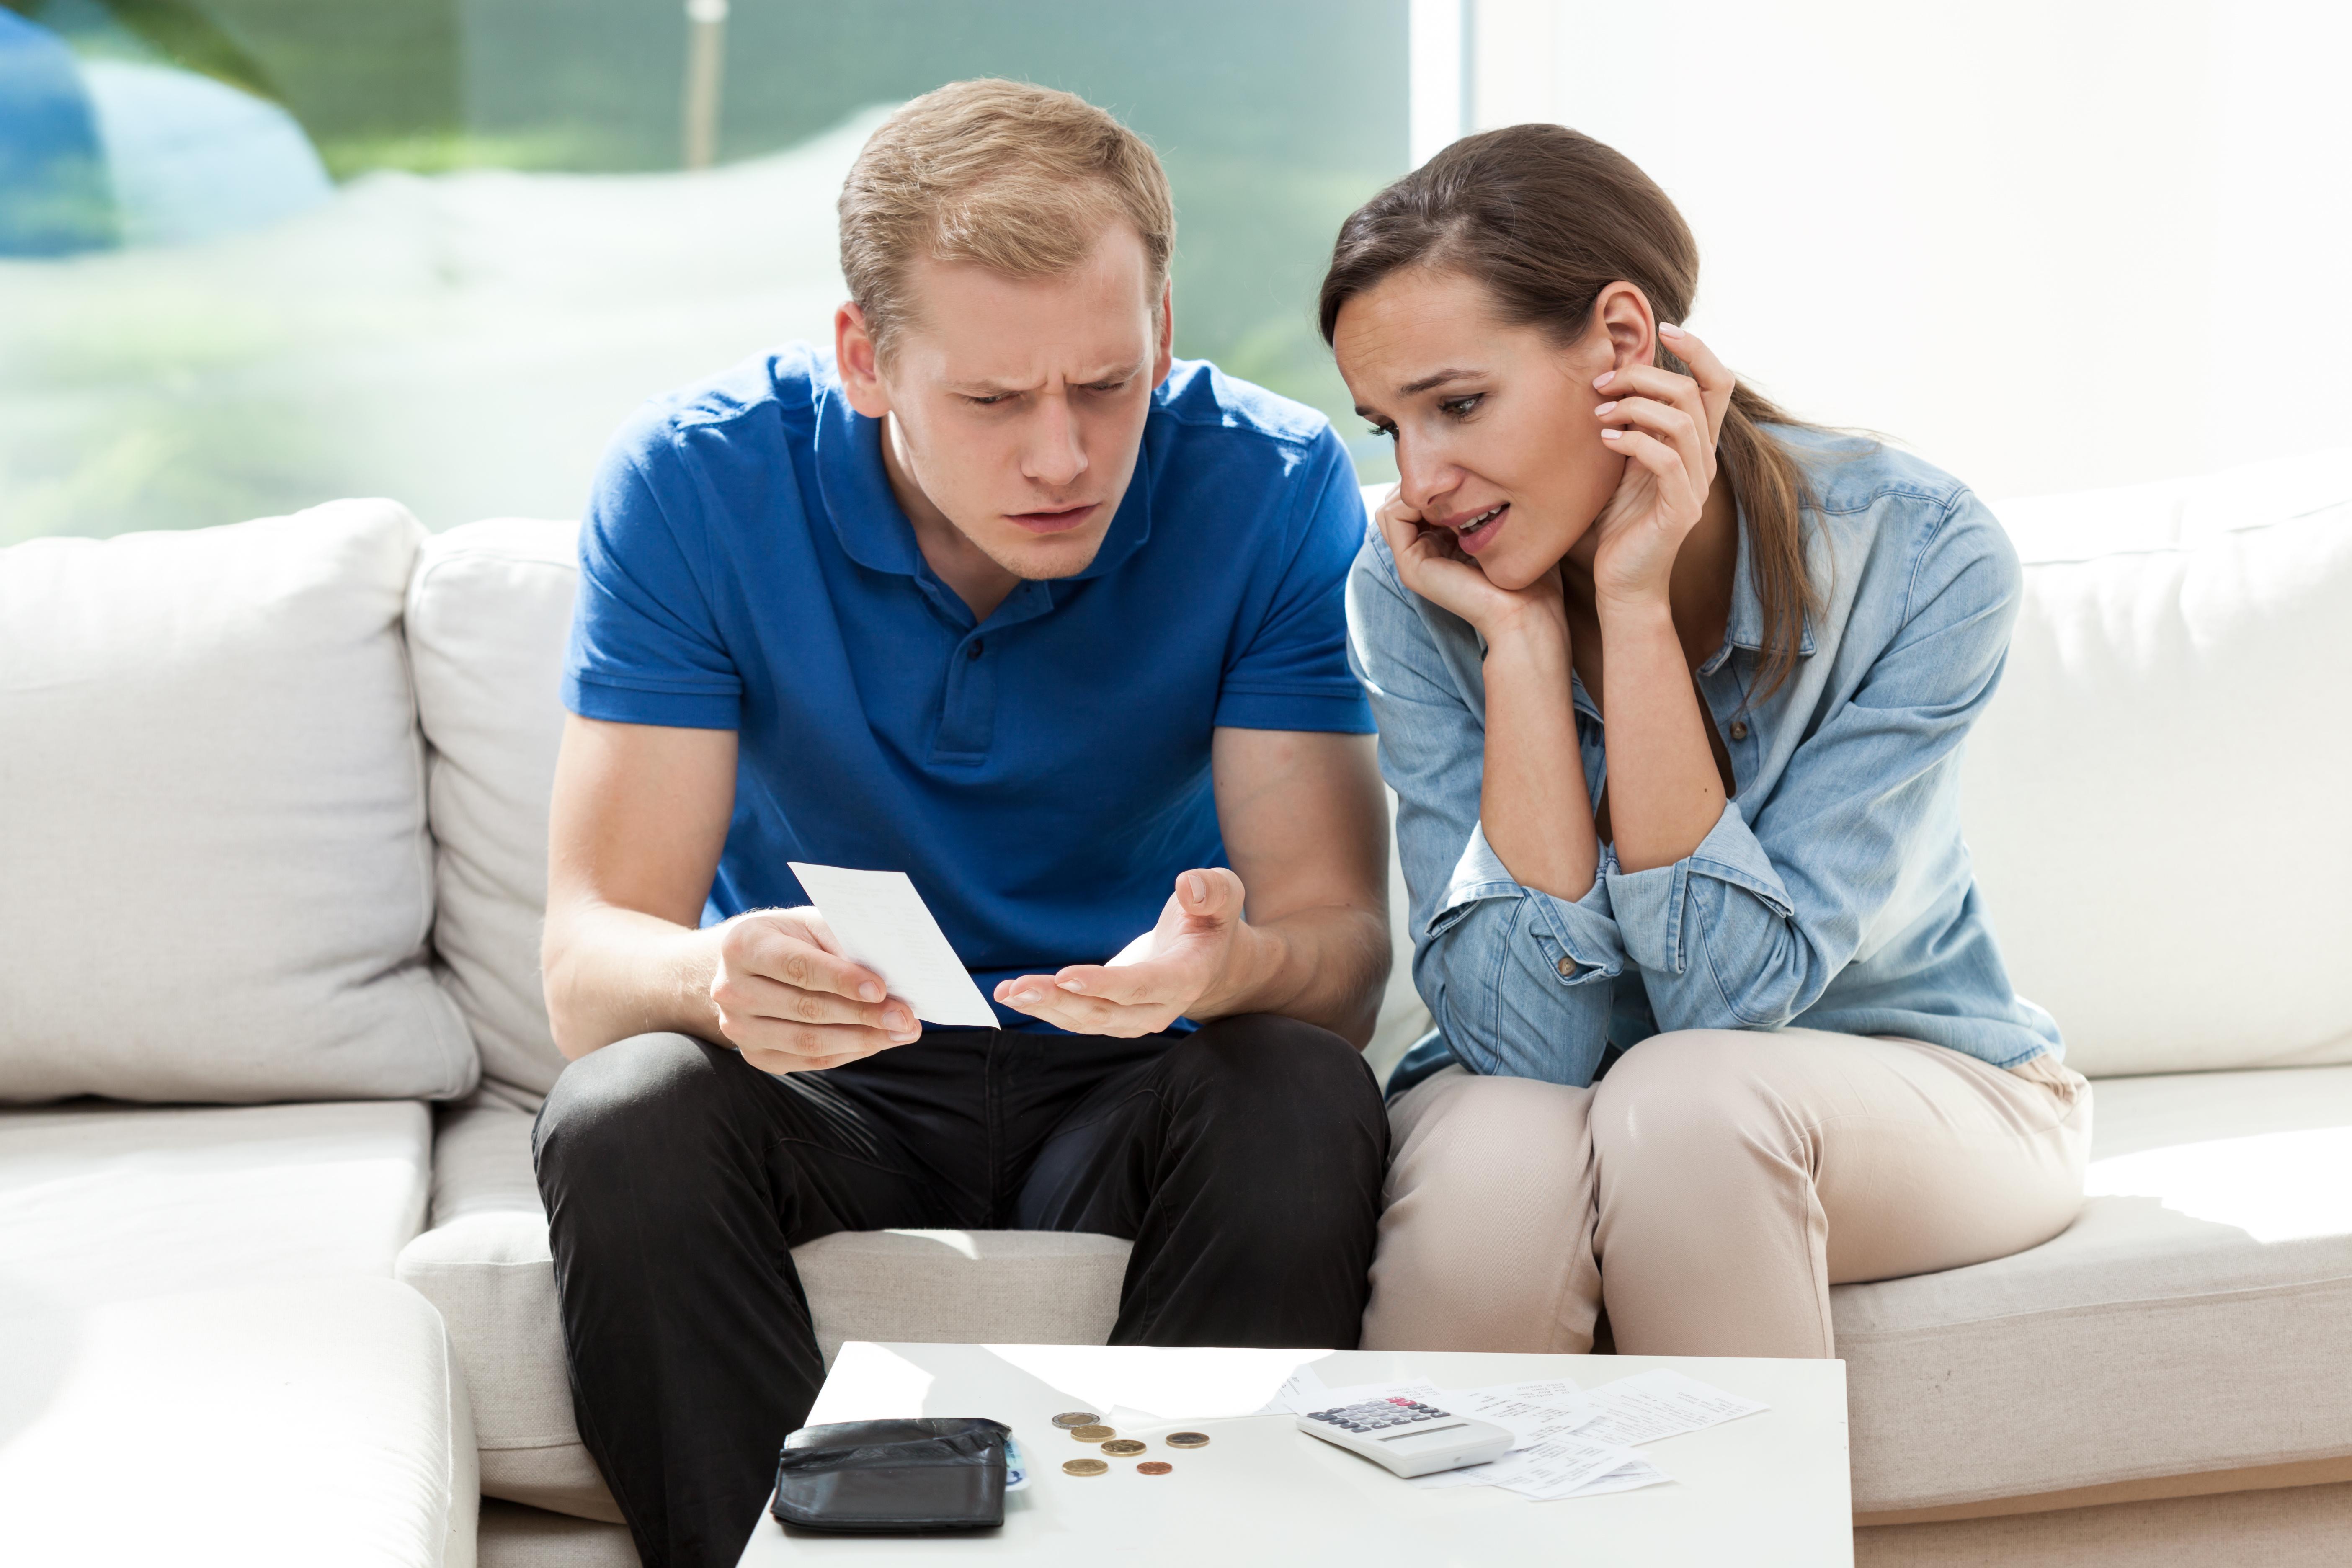 Неприятна изненада по лицата на мъж и жена заради неочаквано висока сметка